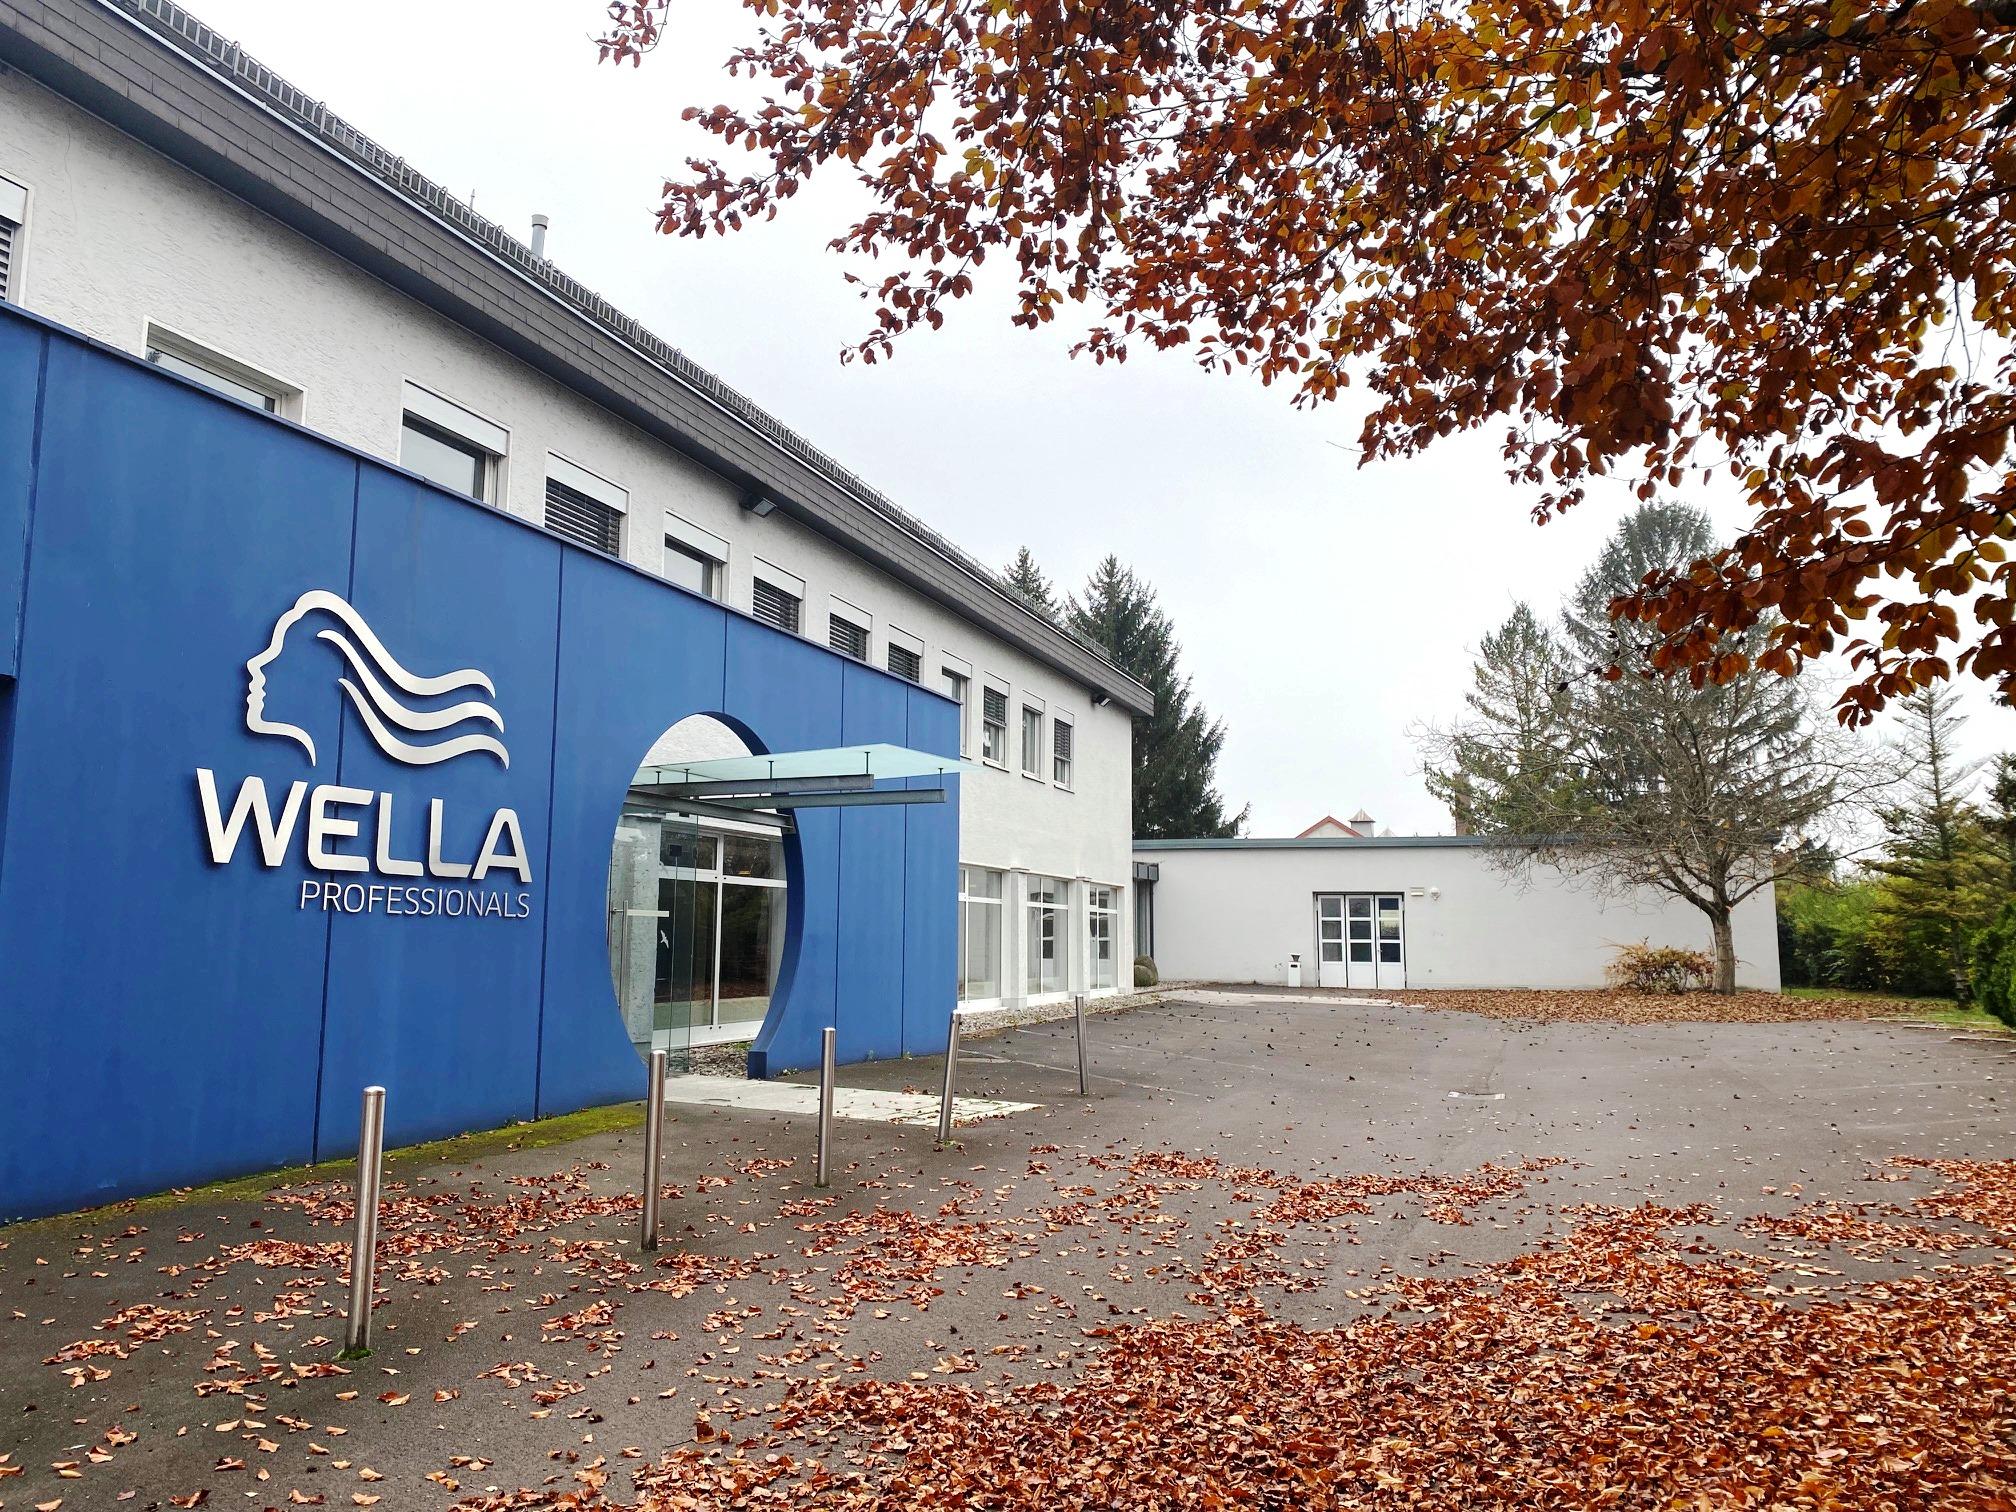 Modesta Real Estate unterstützt Coty beim Verkauf ihres Firmenstandorts in Linz